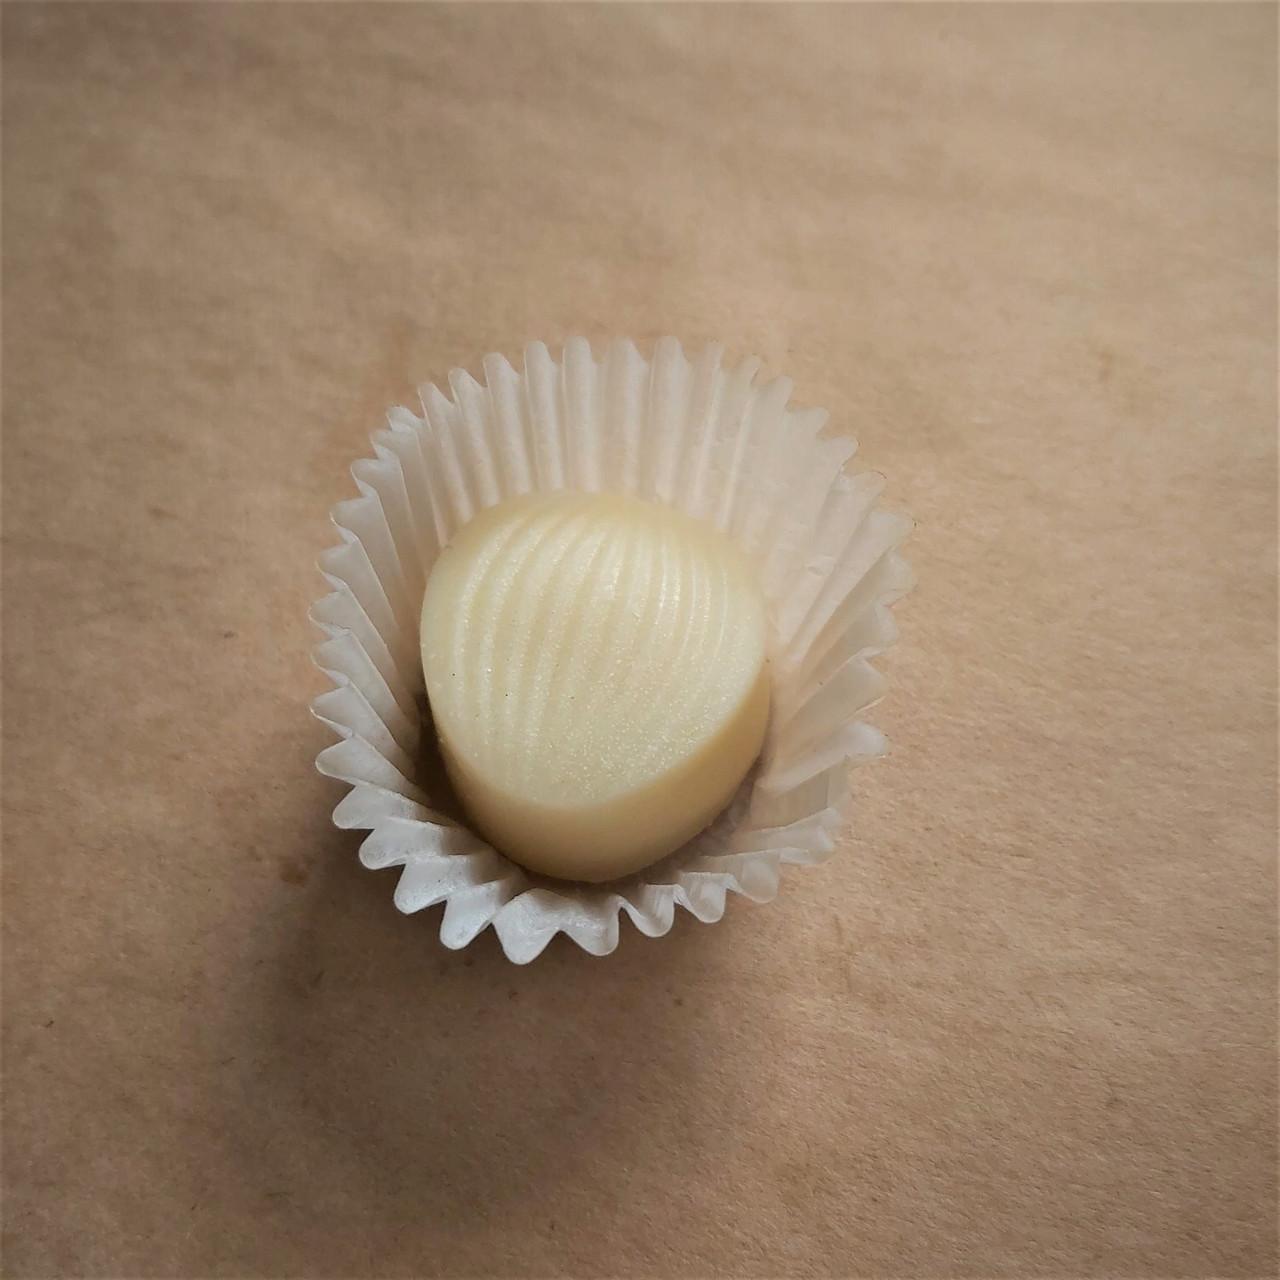 Масляные гидрофильные плиточки для тела. Нежность